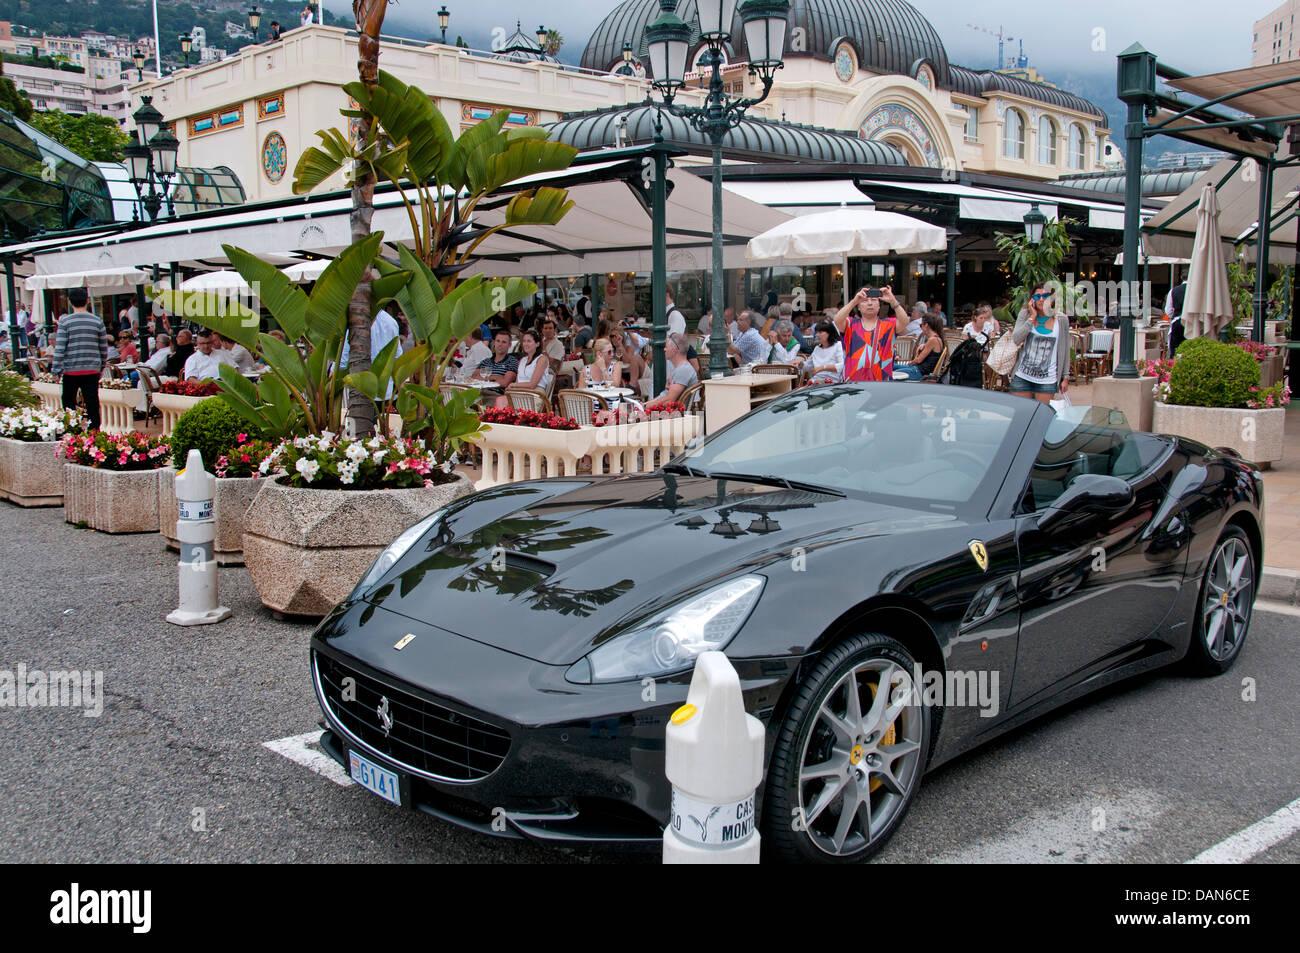 Monte Carlo Bar Cafe